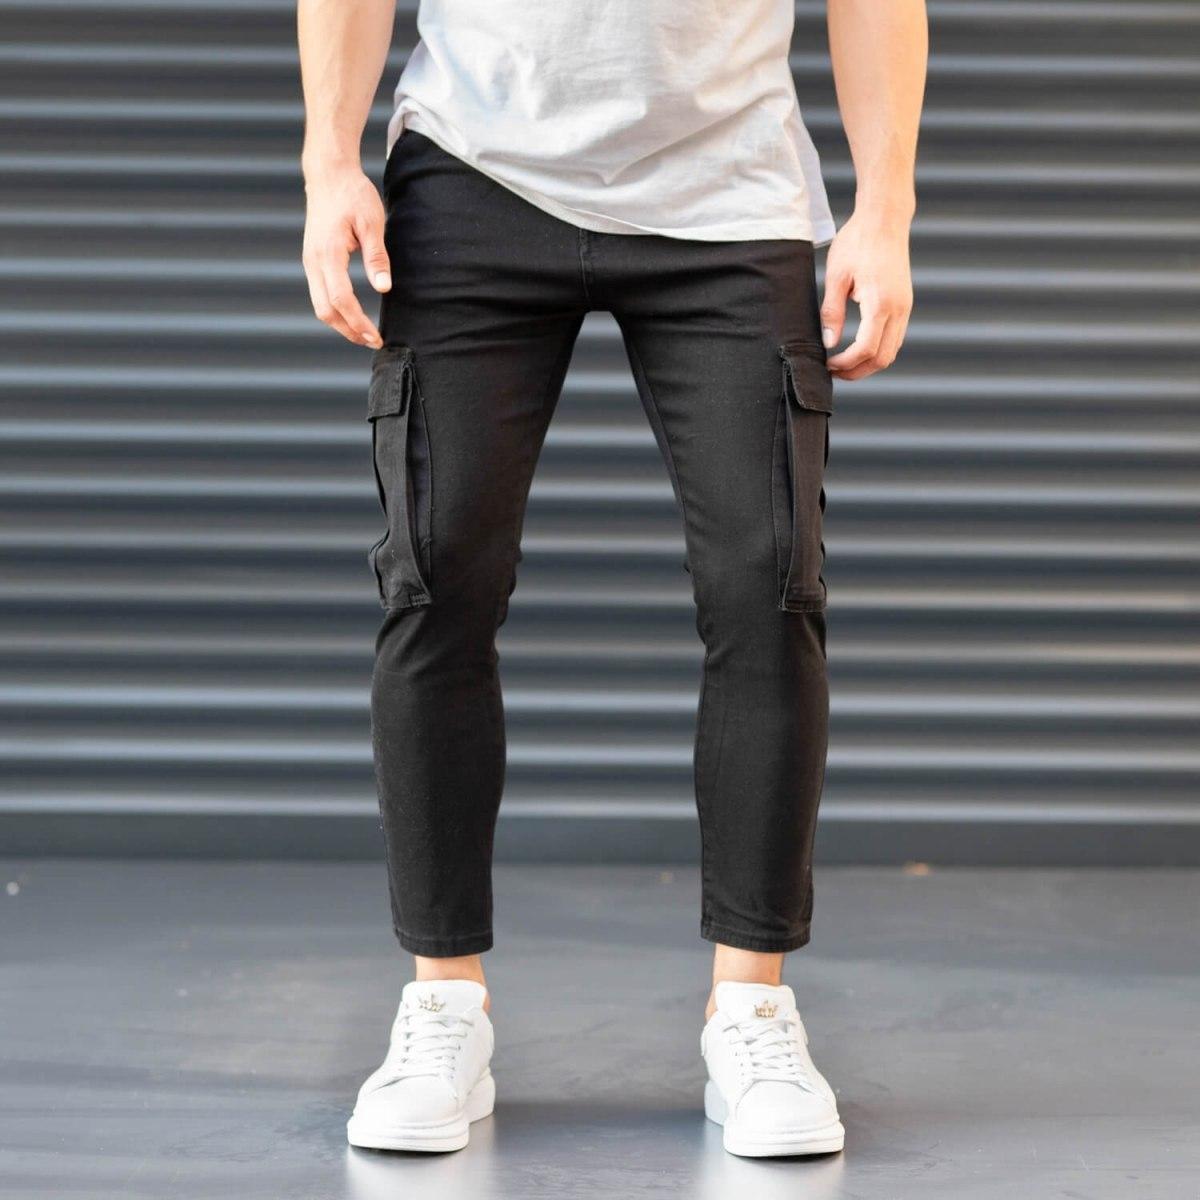 Men's Pocket Style Jeans in Black Mv Premium Brand - 1